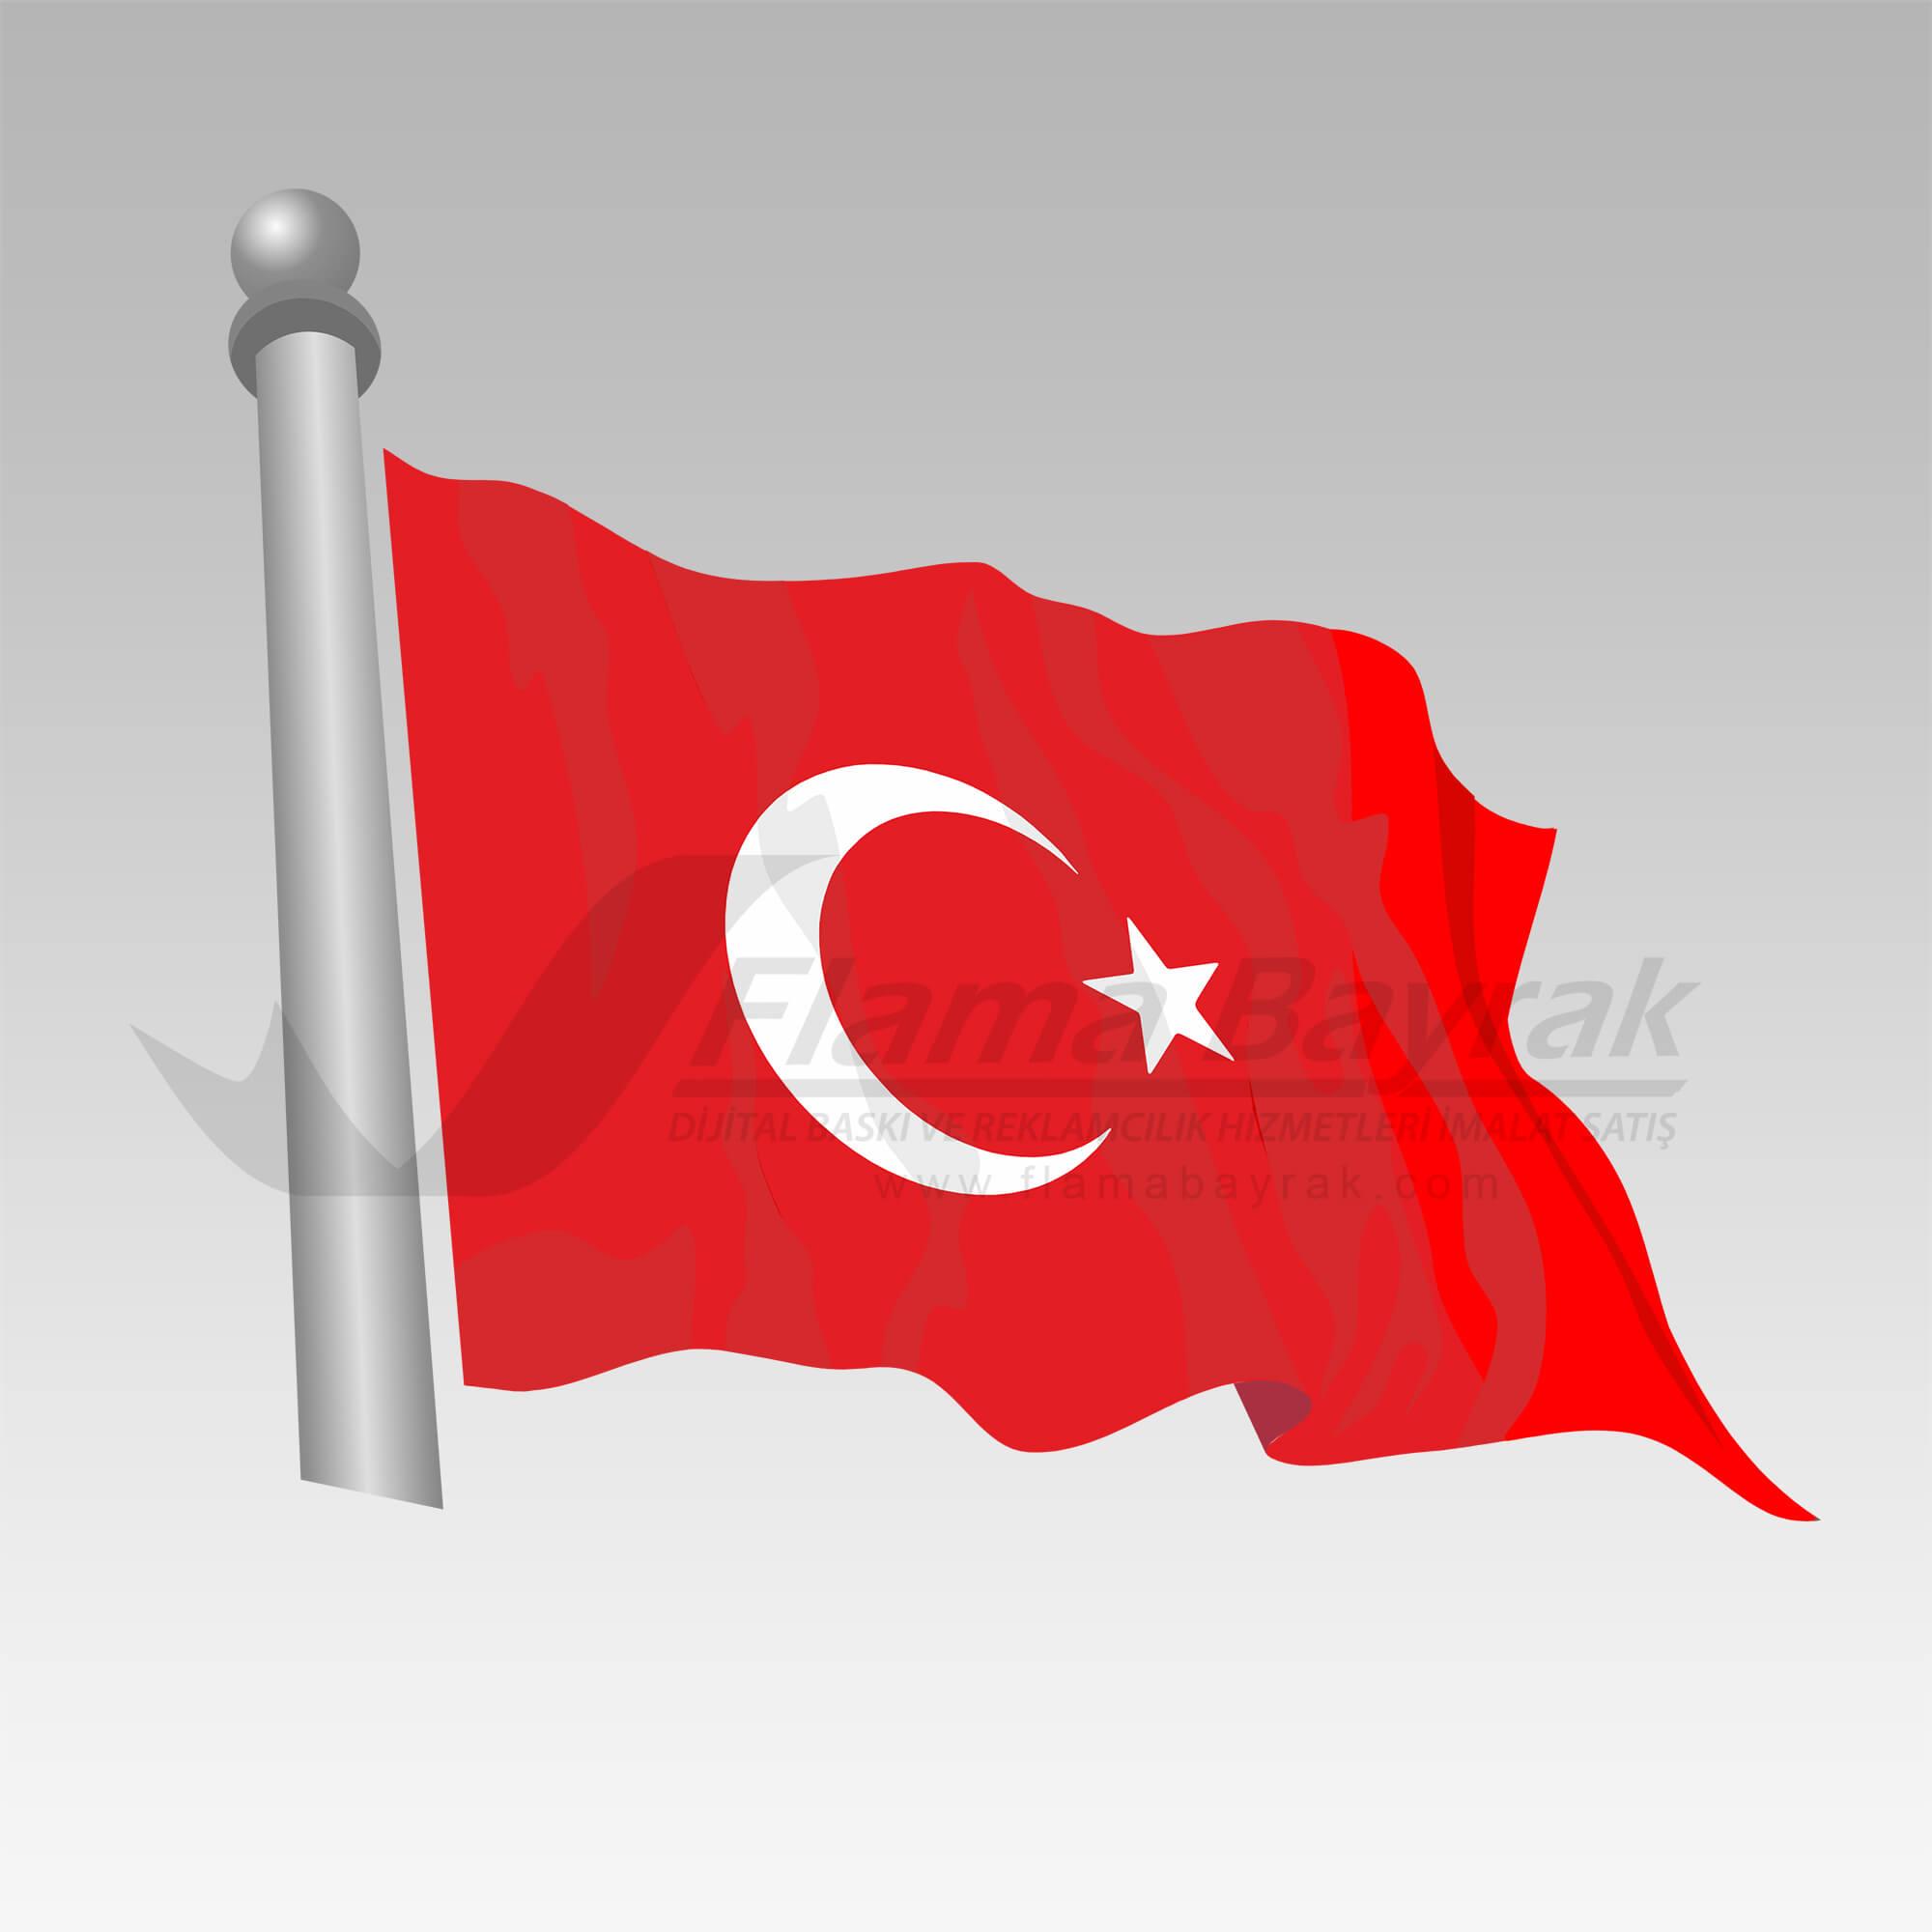 Dalgalı Türk Bayrağı Türk Bayrağı